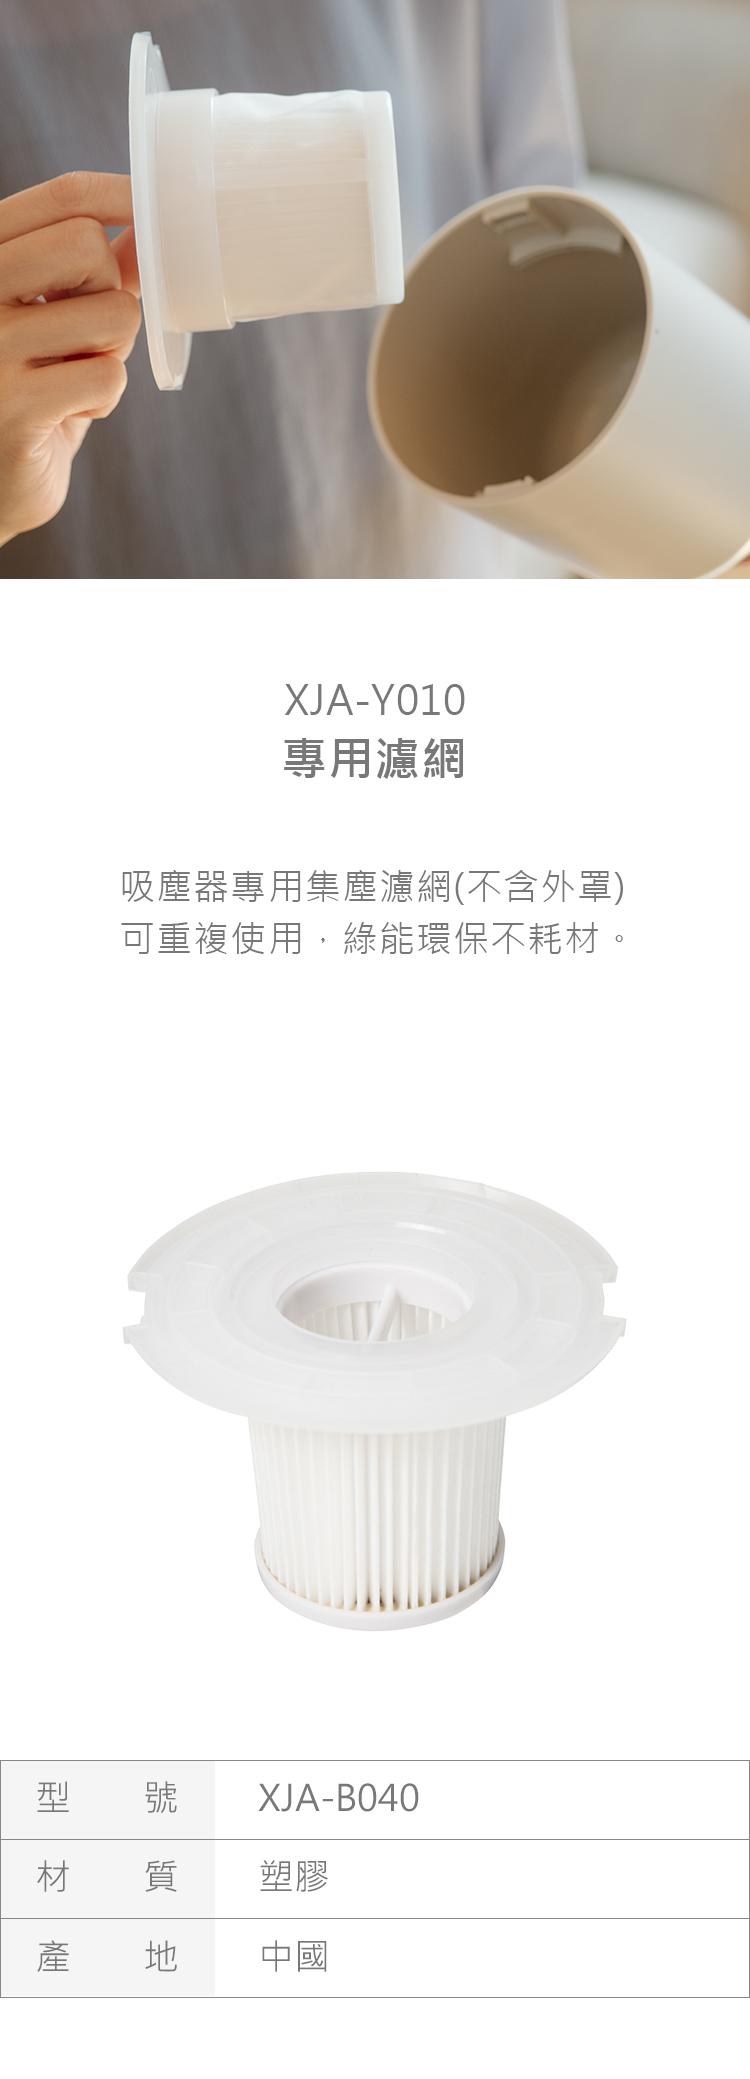 吸塵器過濾網 (適用型號C030)